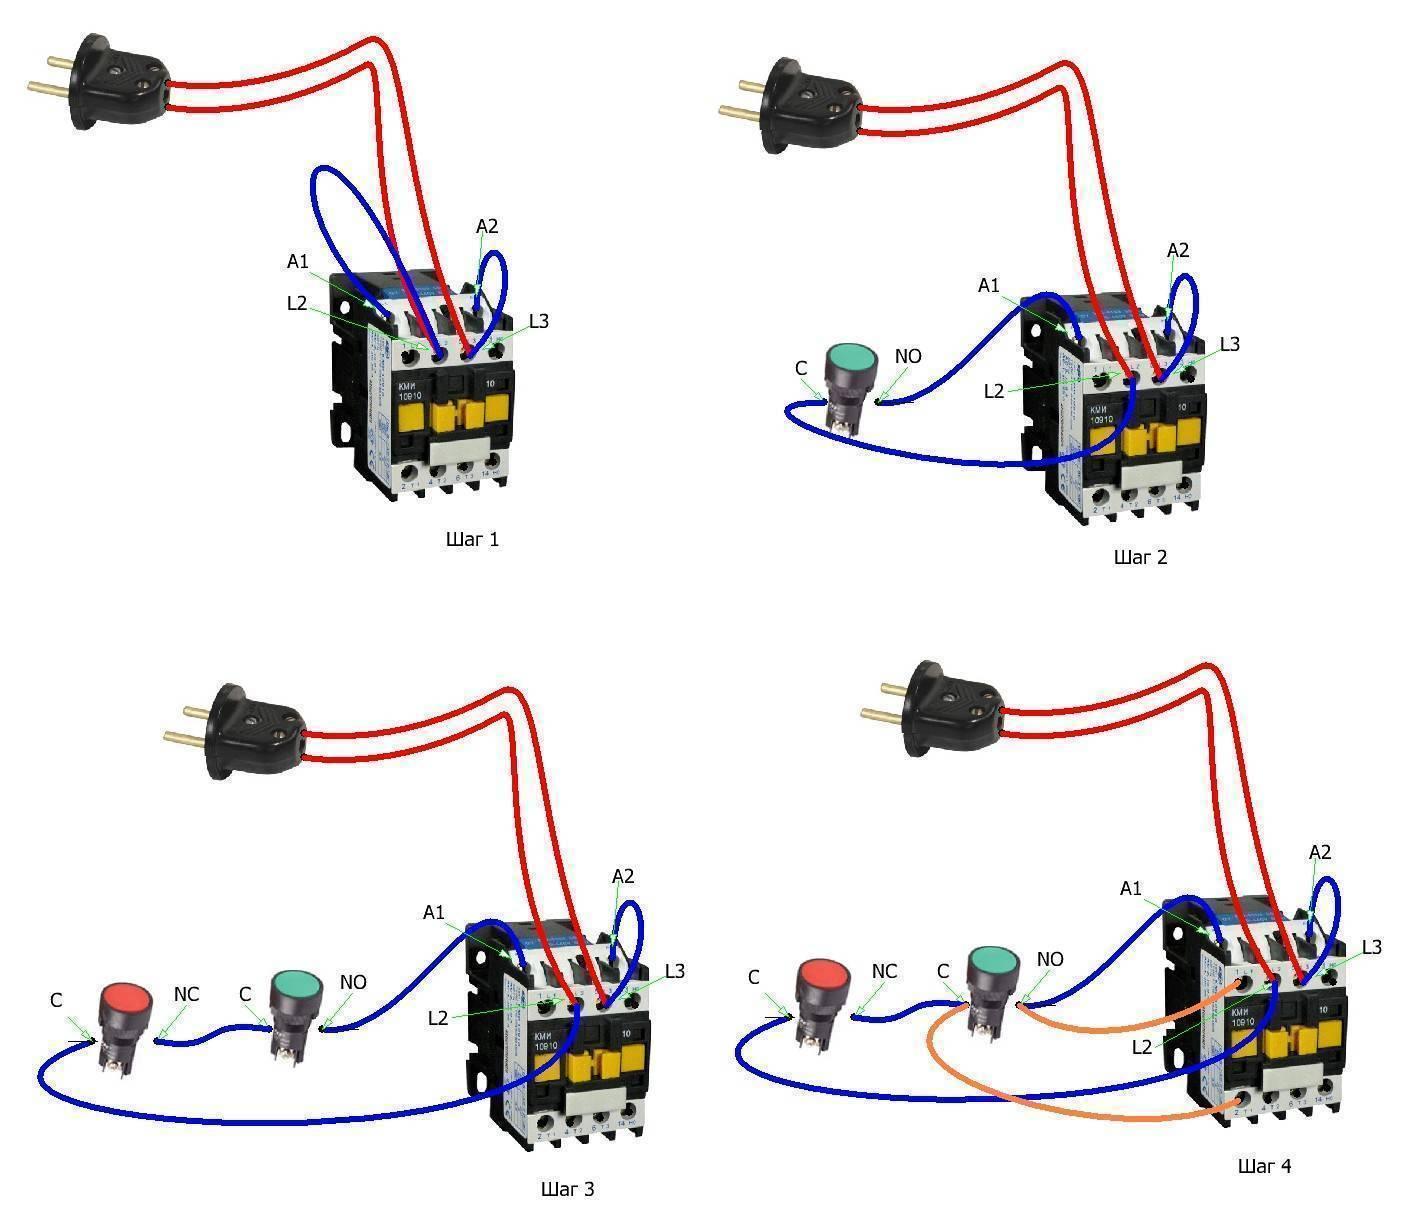 Как подключить магнитный пускатель: схемы и особенности подключения как подключить магнитный пускатель: схемы и особенности подключения